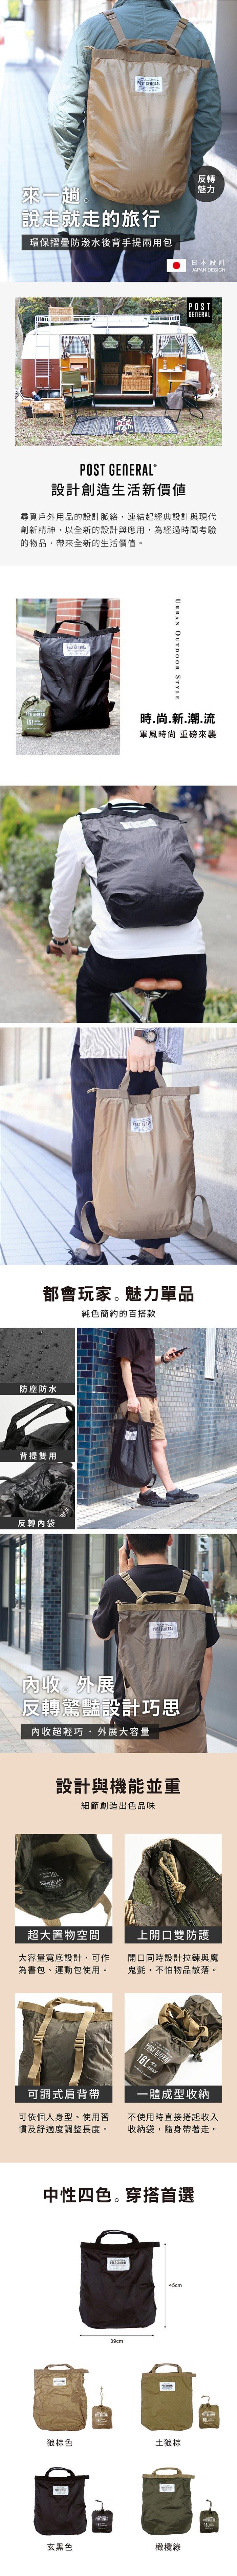 (複製)POST GENERAL 超輕量尼龍折疊收納束口袋(銀灰色)